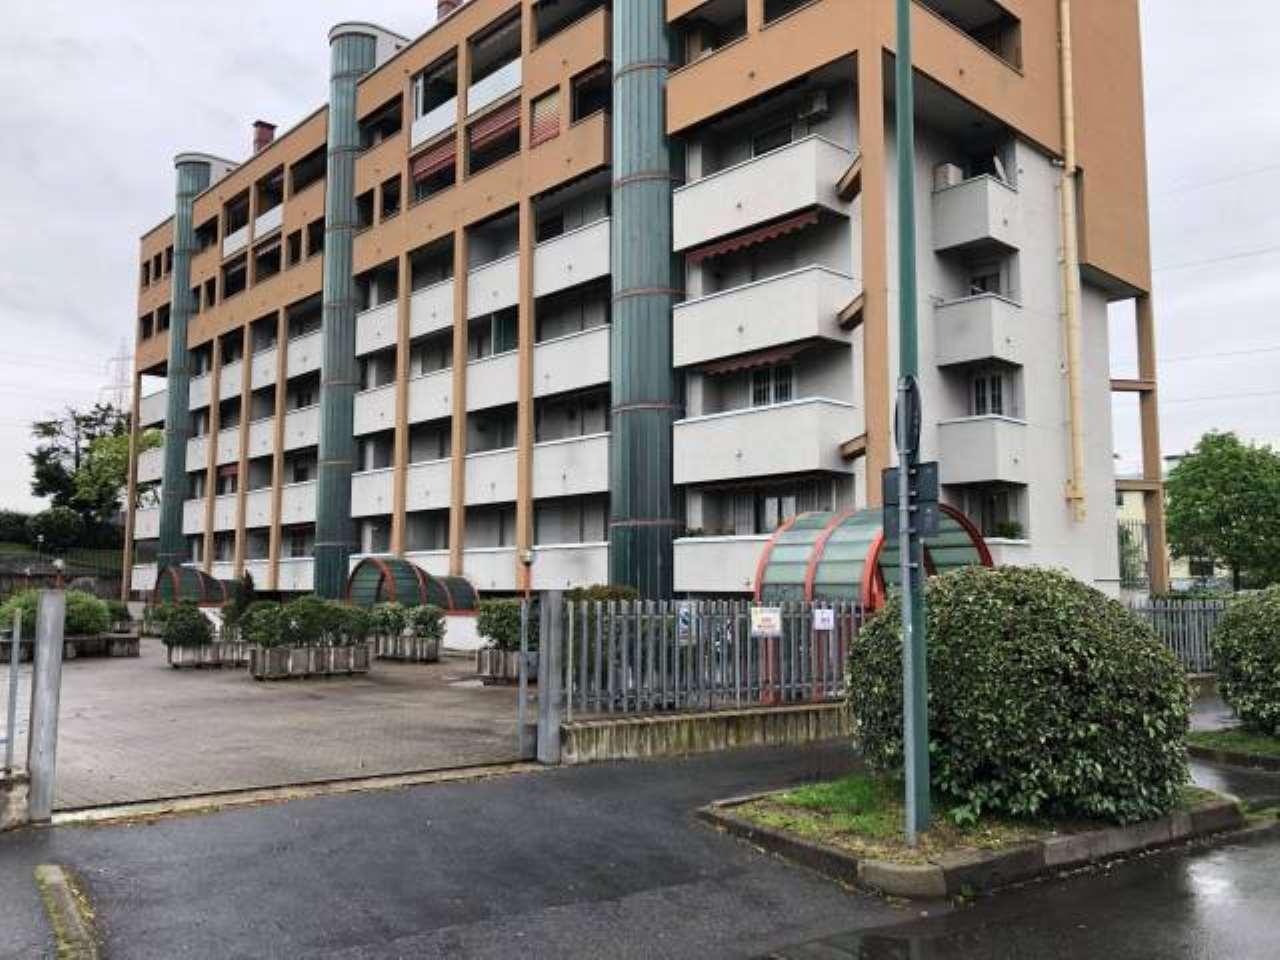 Attività / Licenza in vendita a Cologno Monzese, 1 locali, prezzo € 18.500 | PortaleAgenzieImmobiliari.it